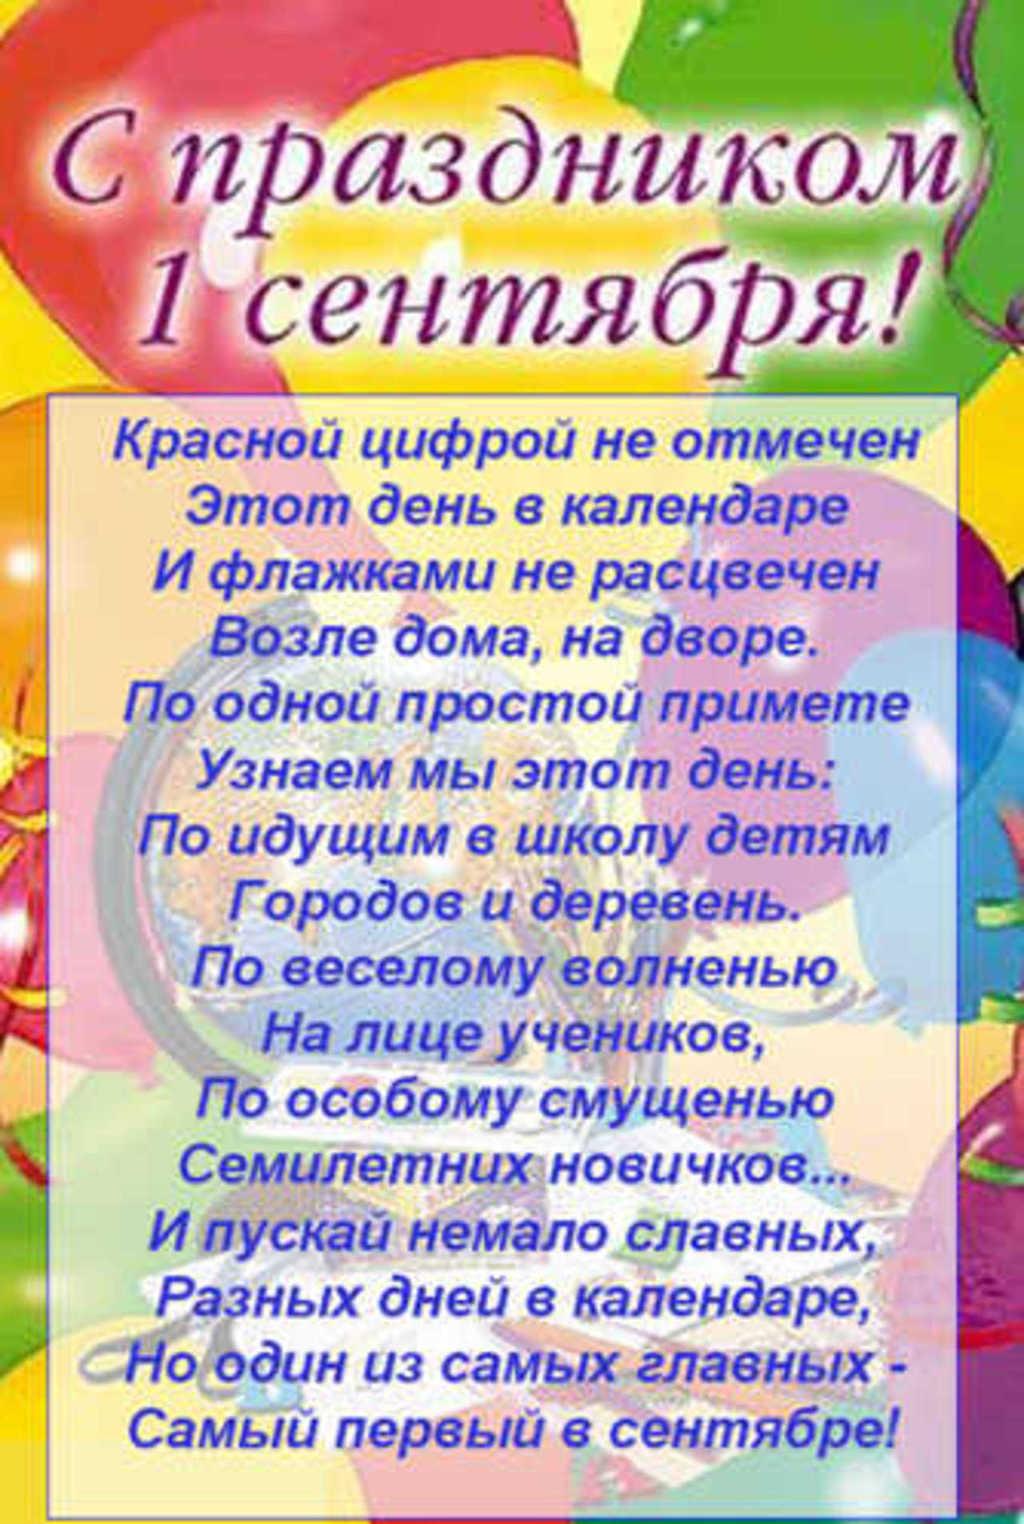 Текст поздравления с 1 сентября от родителей